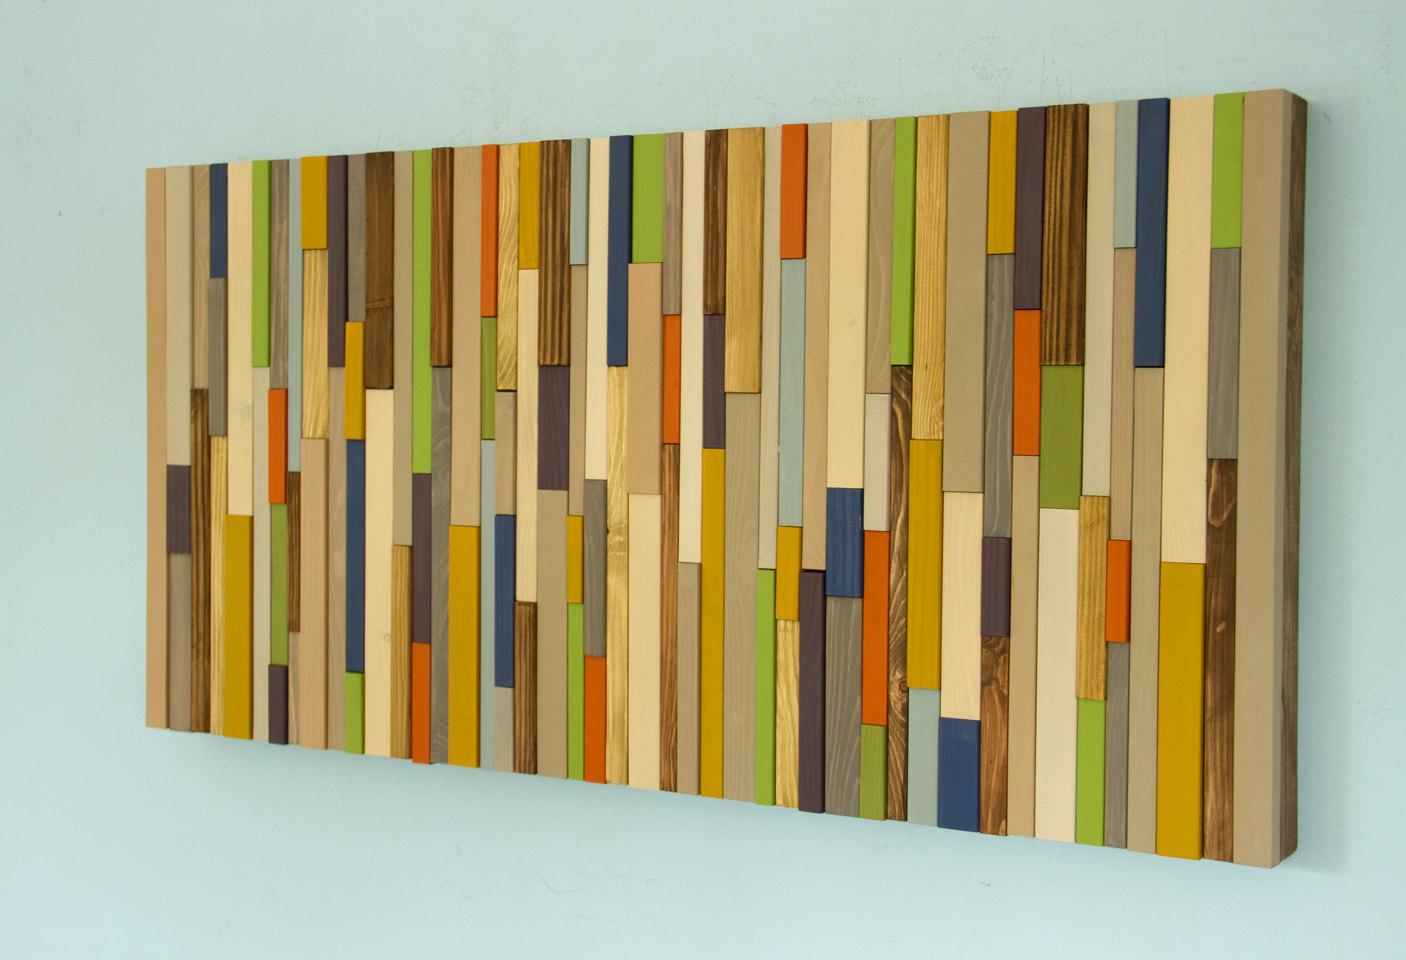 Beautiful Large Wood Wall Art Inspiration - The Wall Art Decorations ...